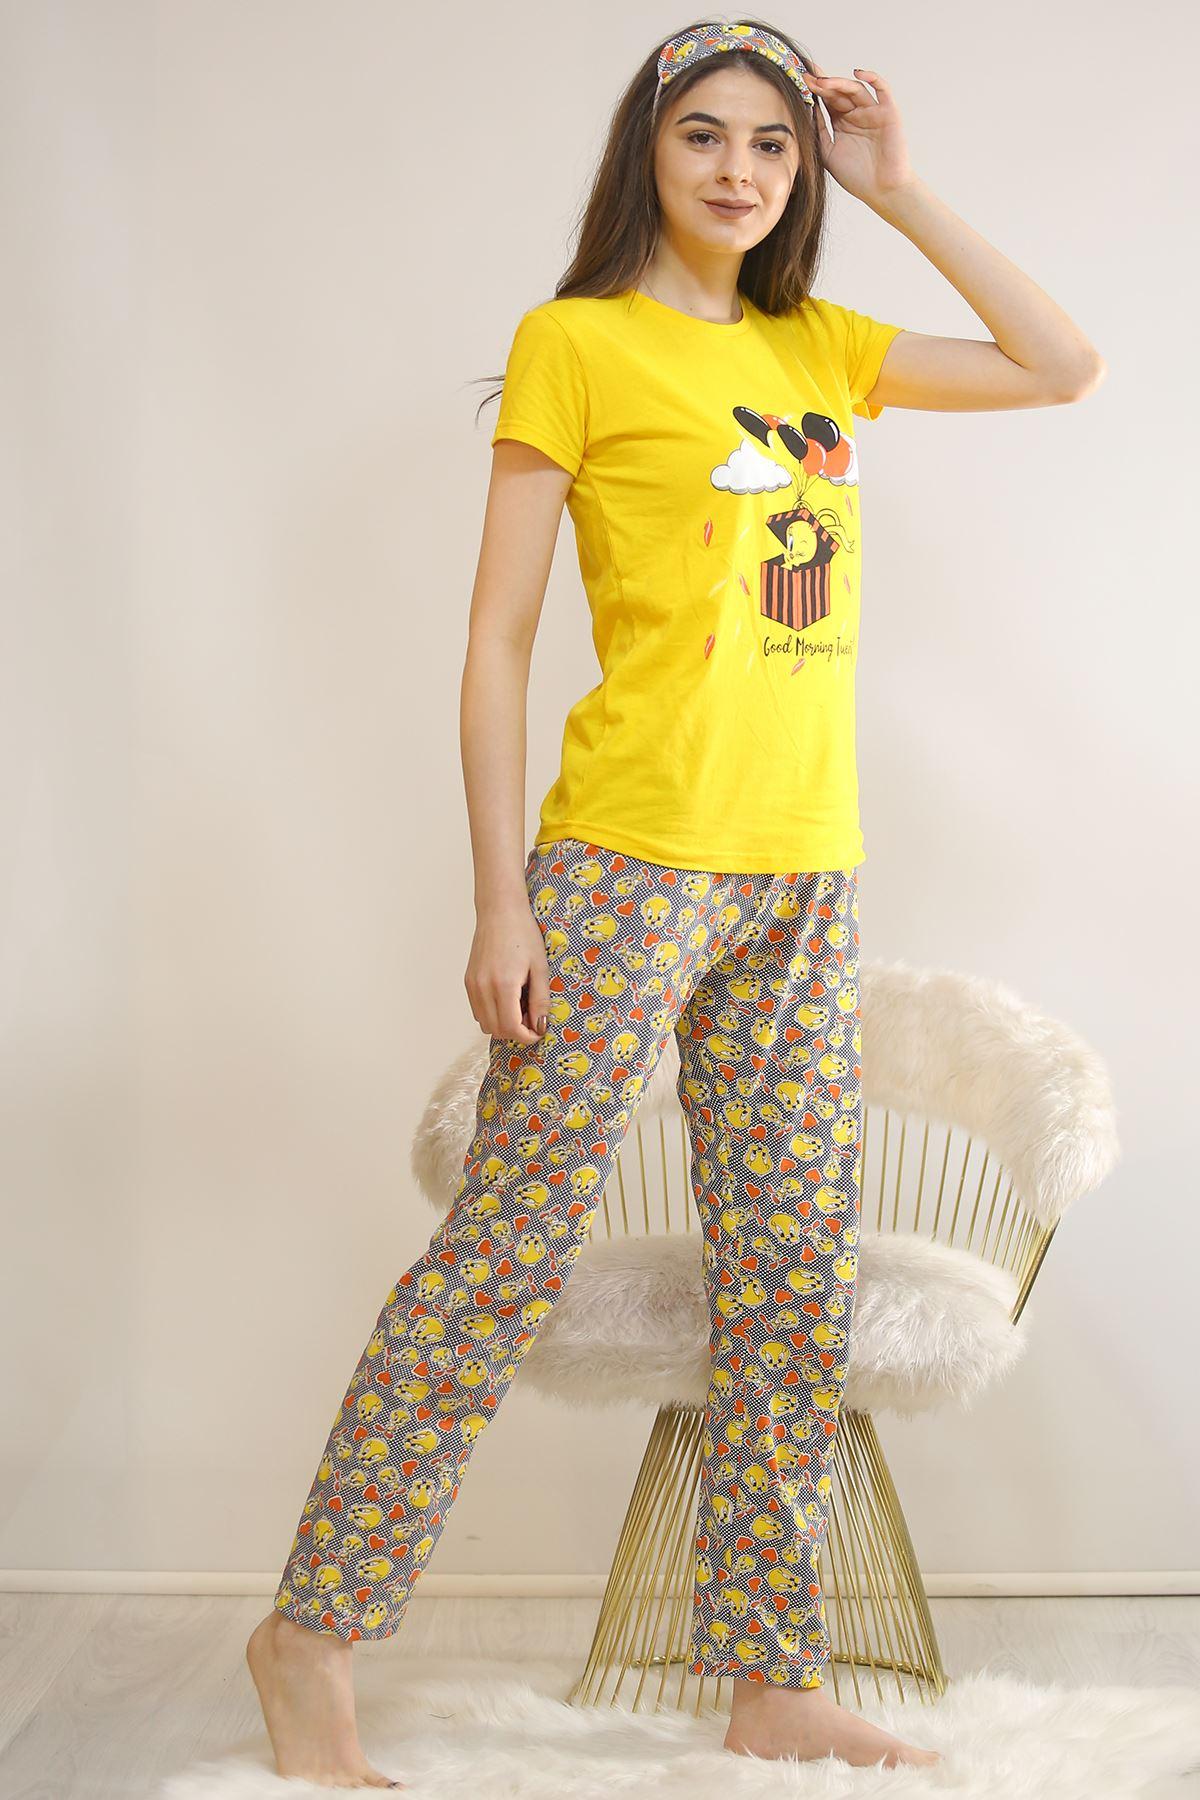 Baskılı Pijama Takımı Sarı - 21827.1059. Toptan